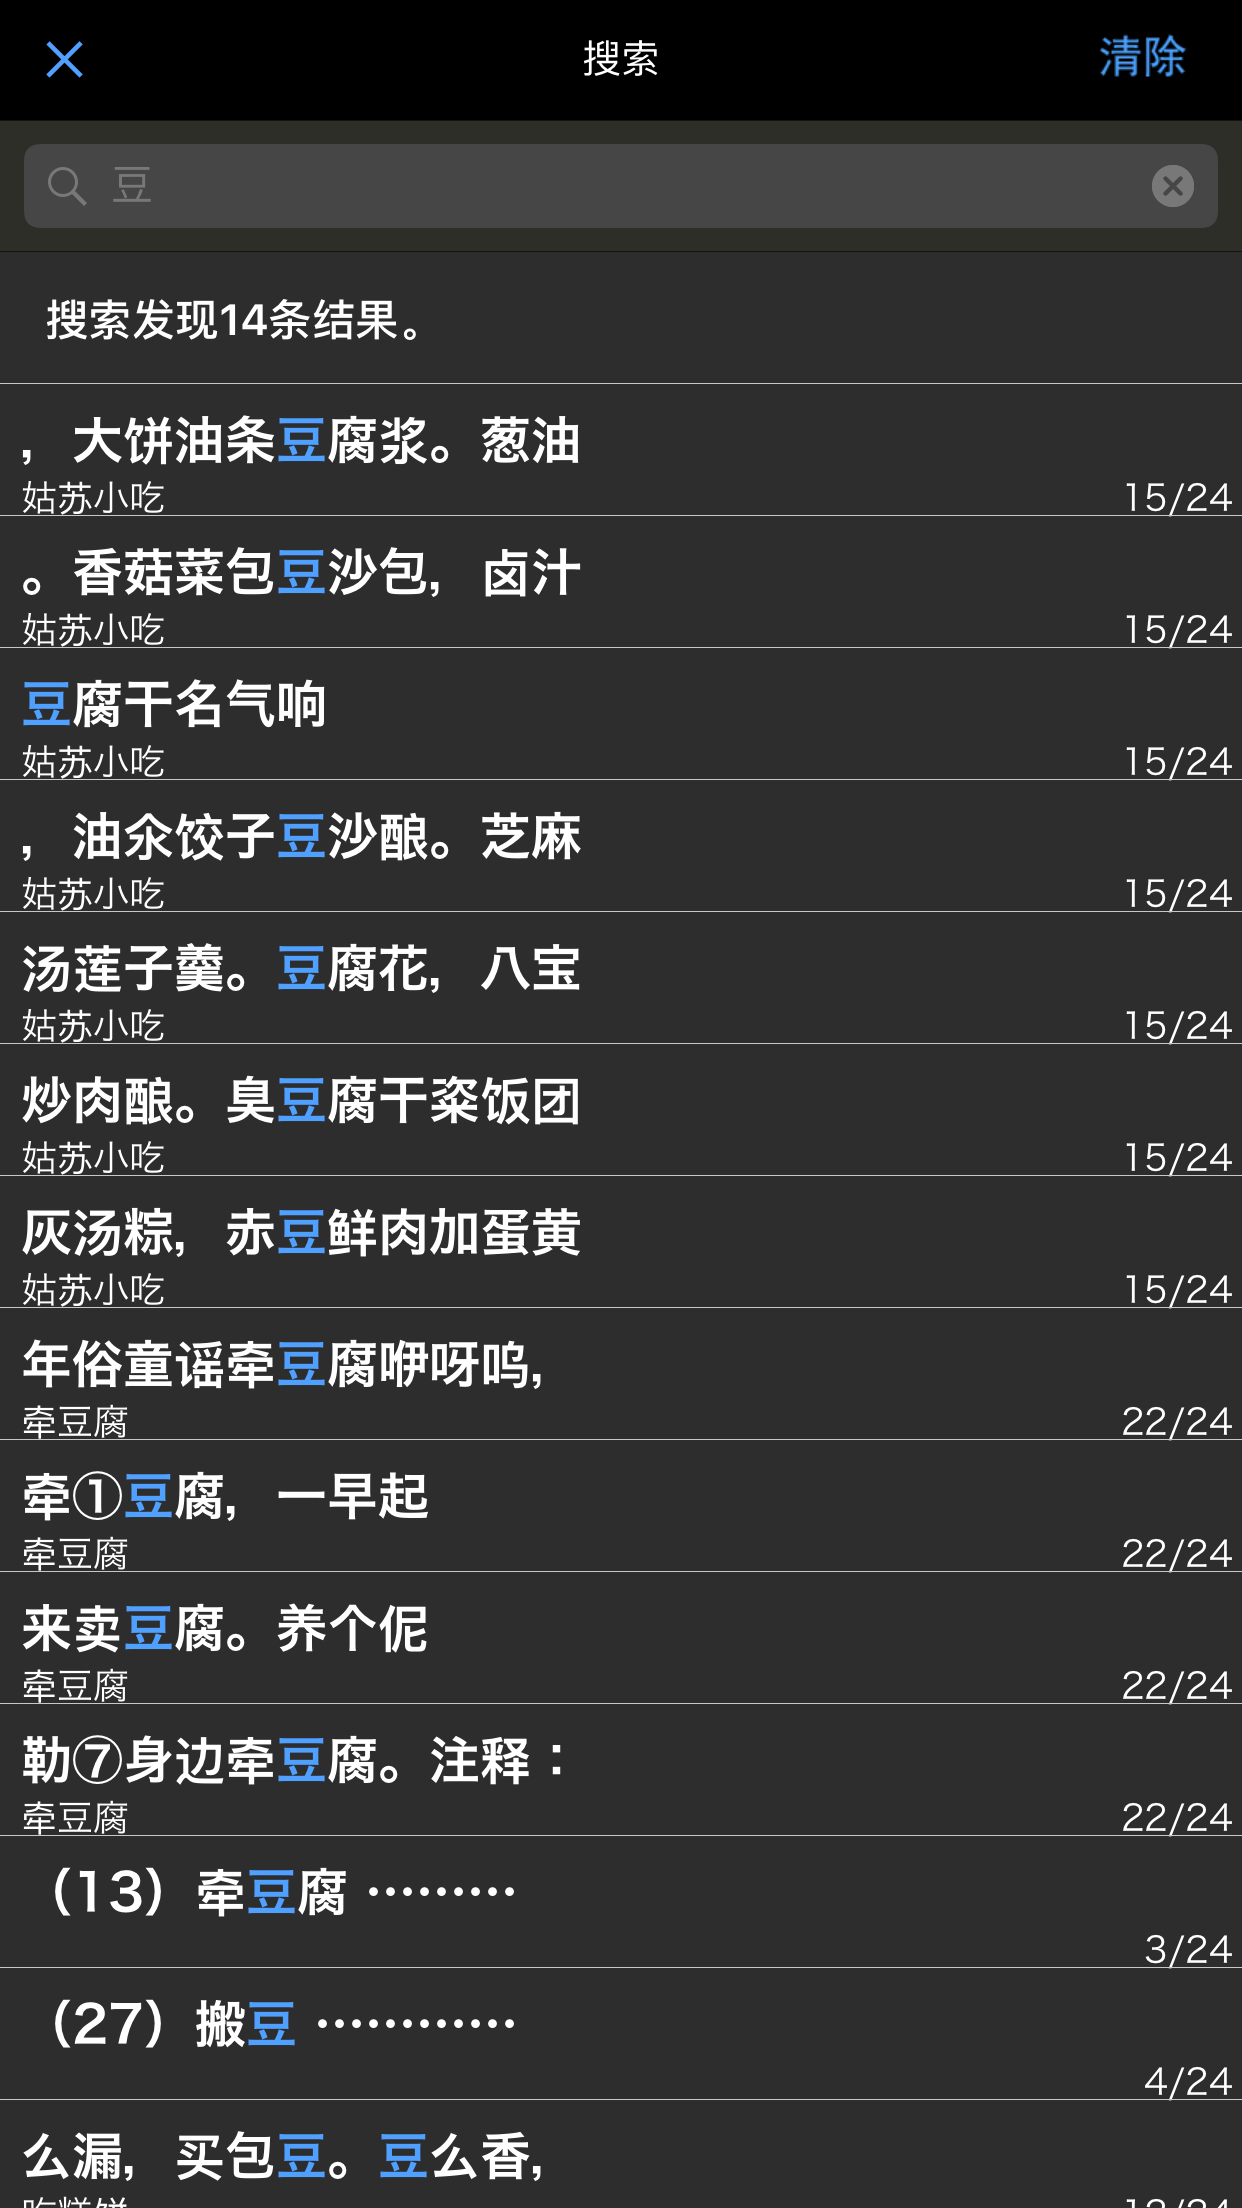 苏州童谣 V2.41.013 安卓版截图3